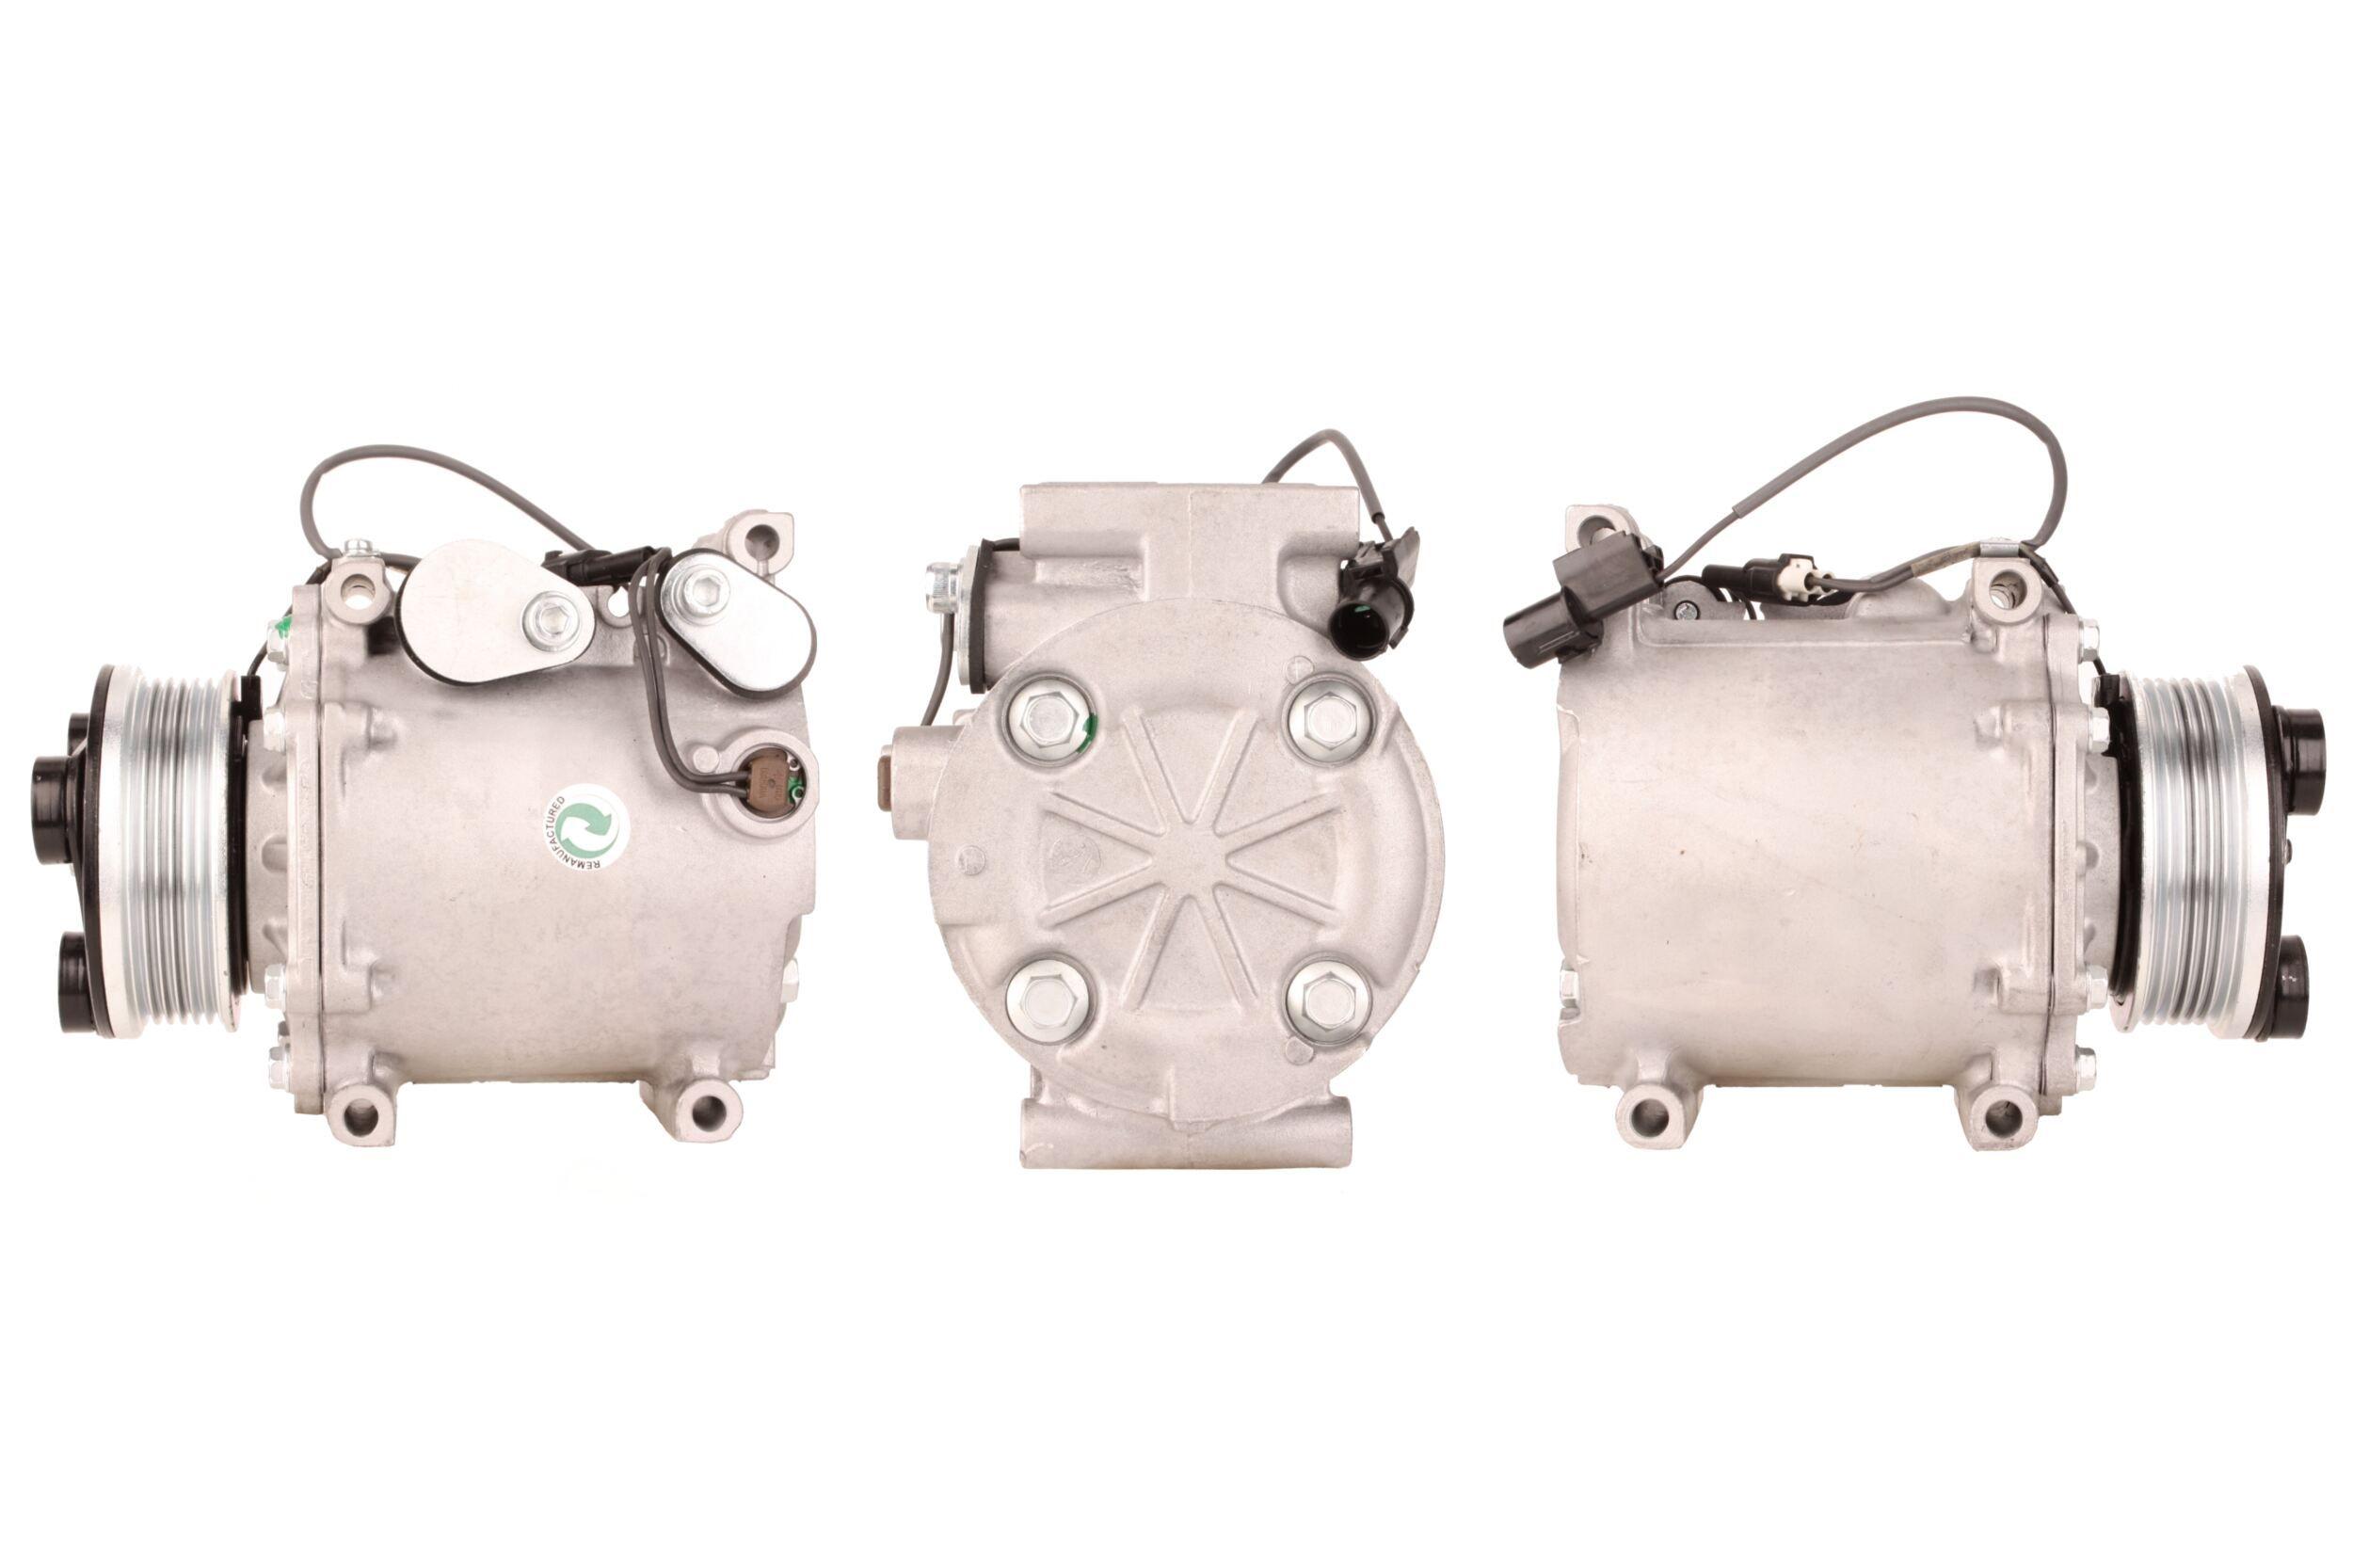 OE Original Kompressor Klimaanlage 51-0623 ELSTOCK